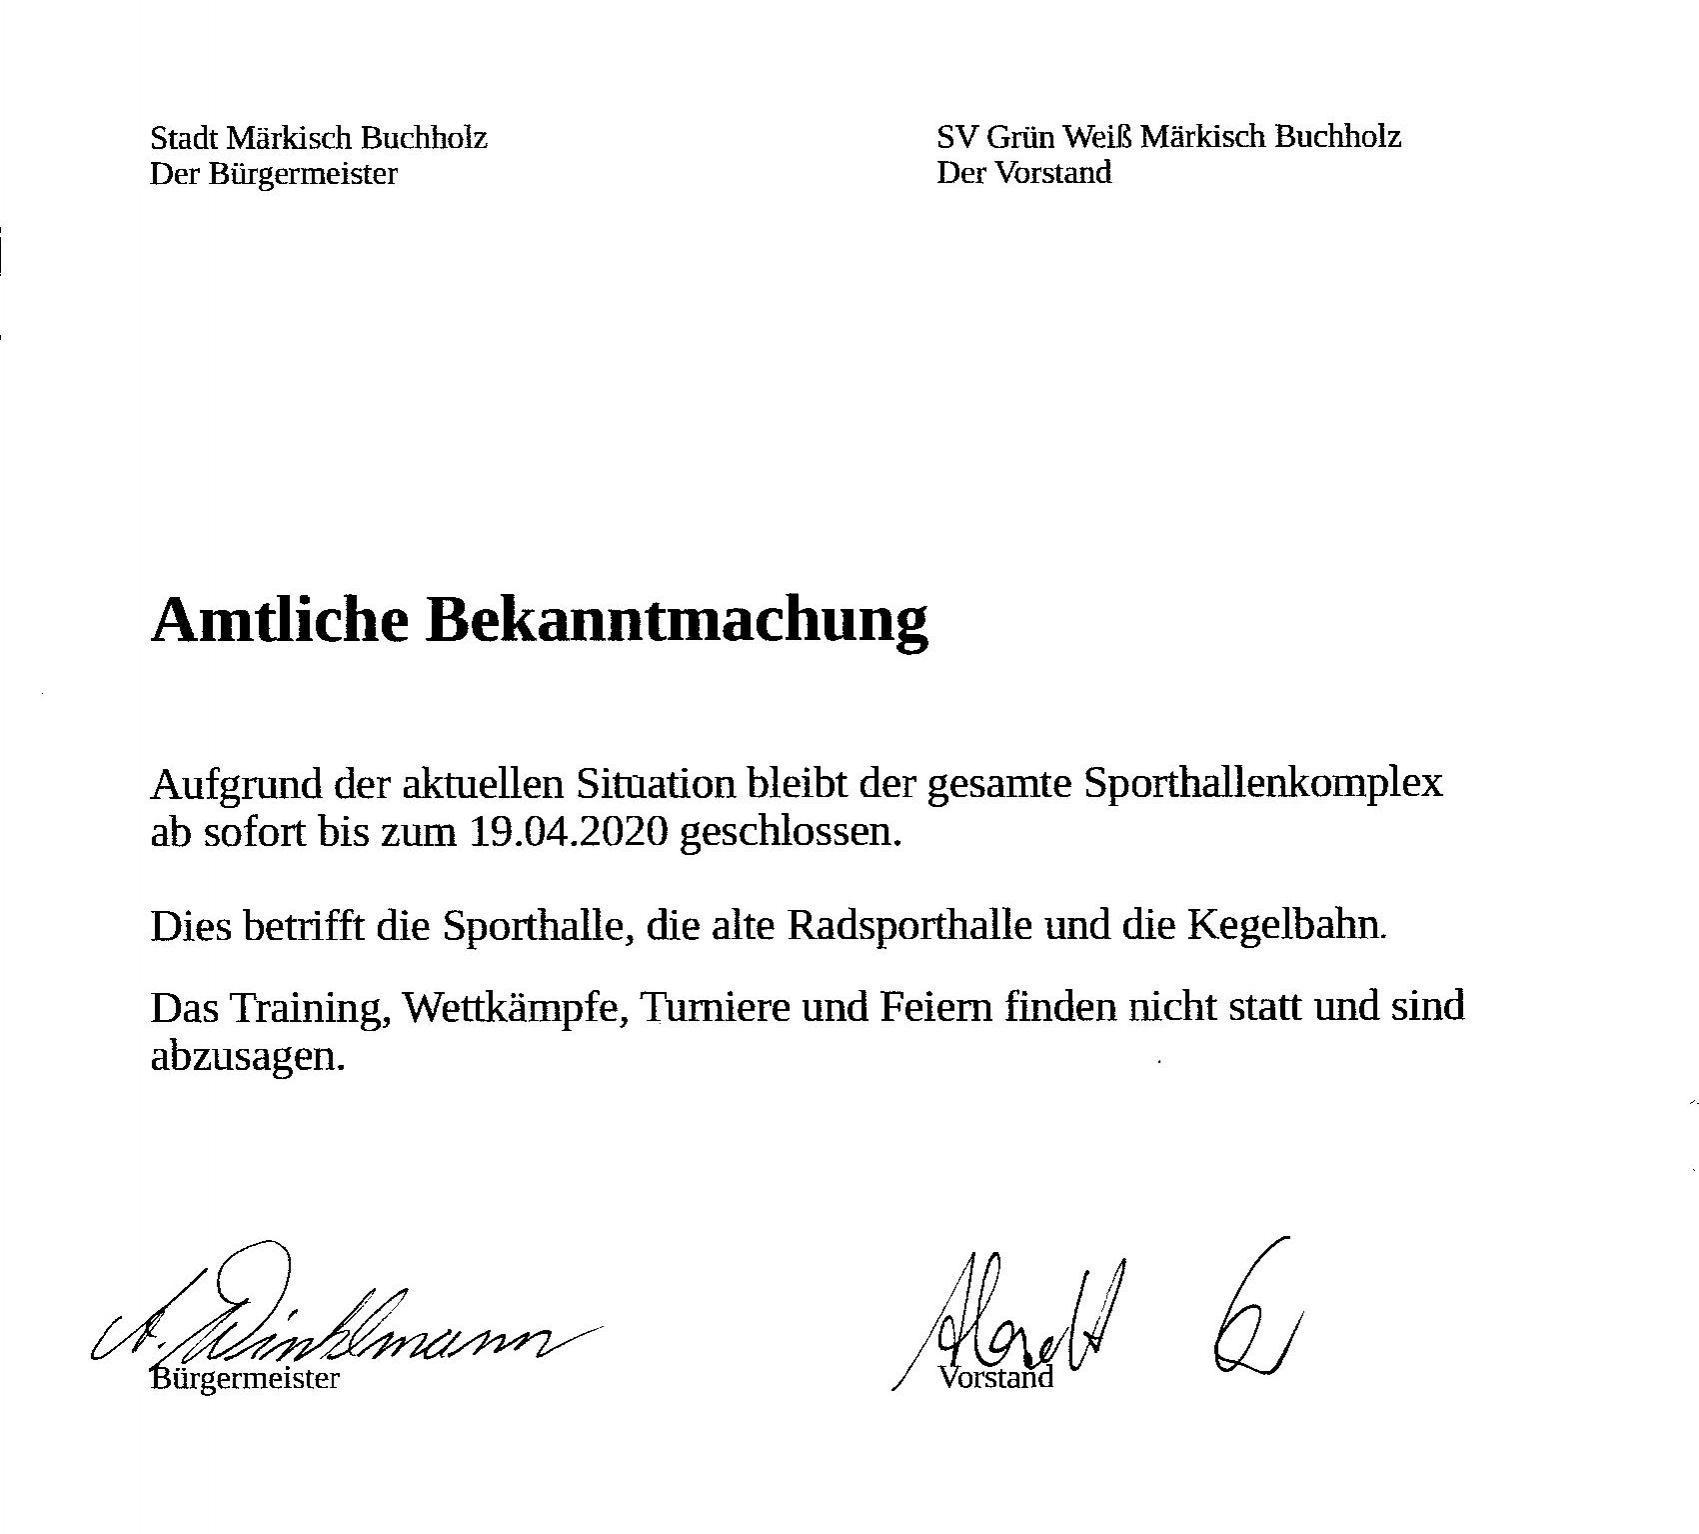 Amtliche Bekanntmachung vom 14.03.2020